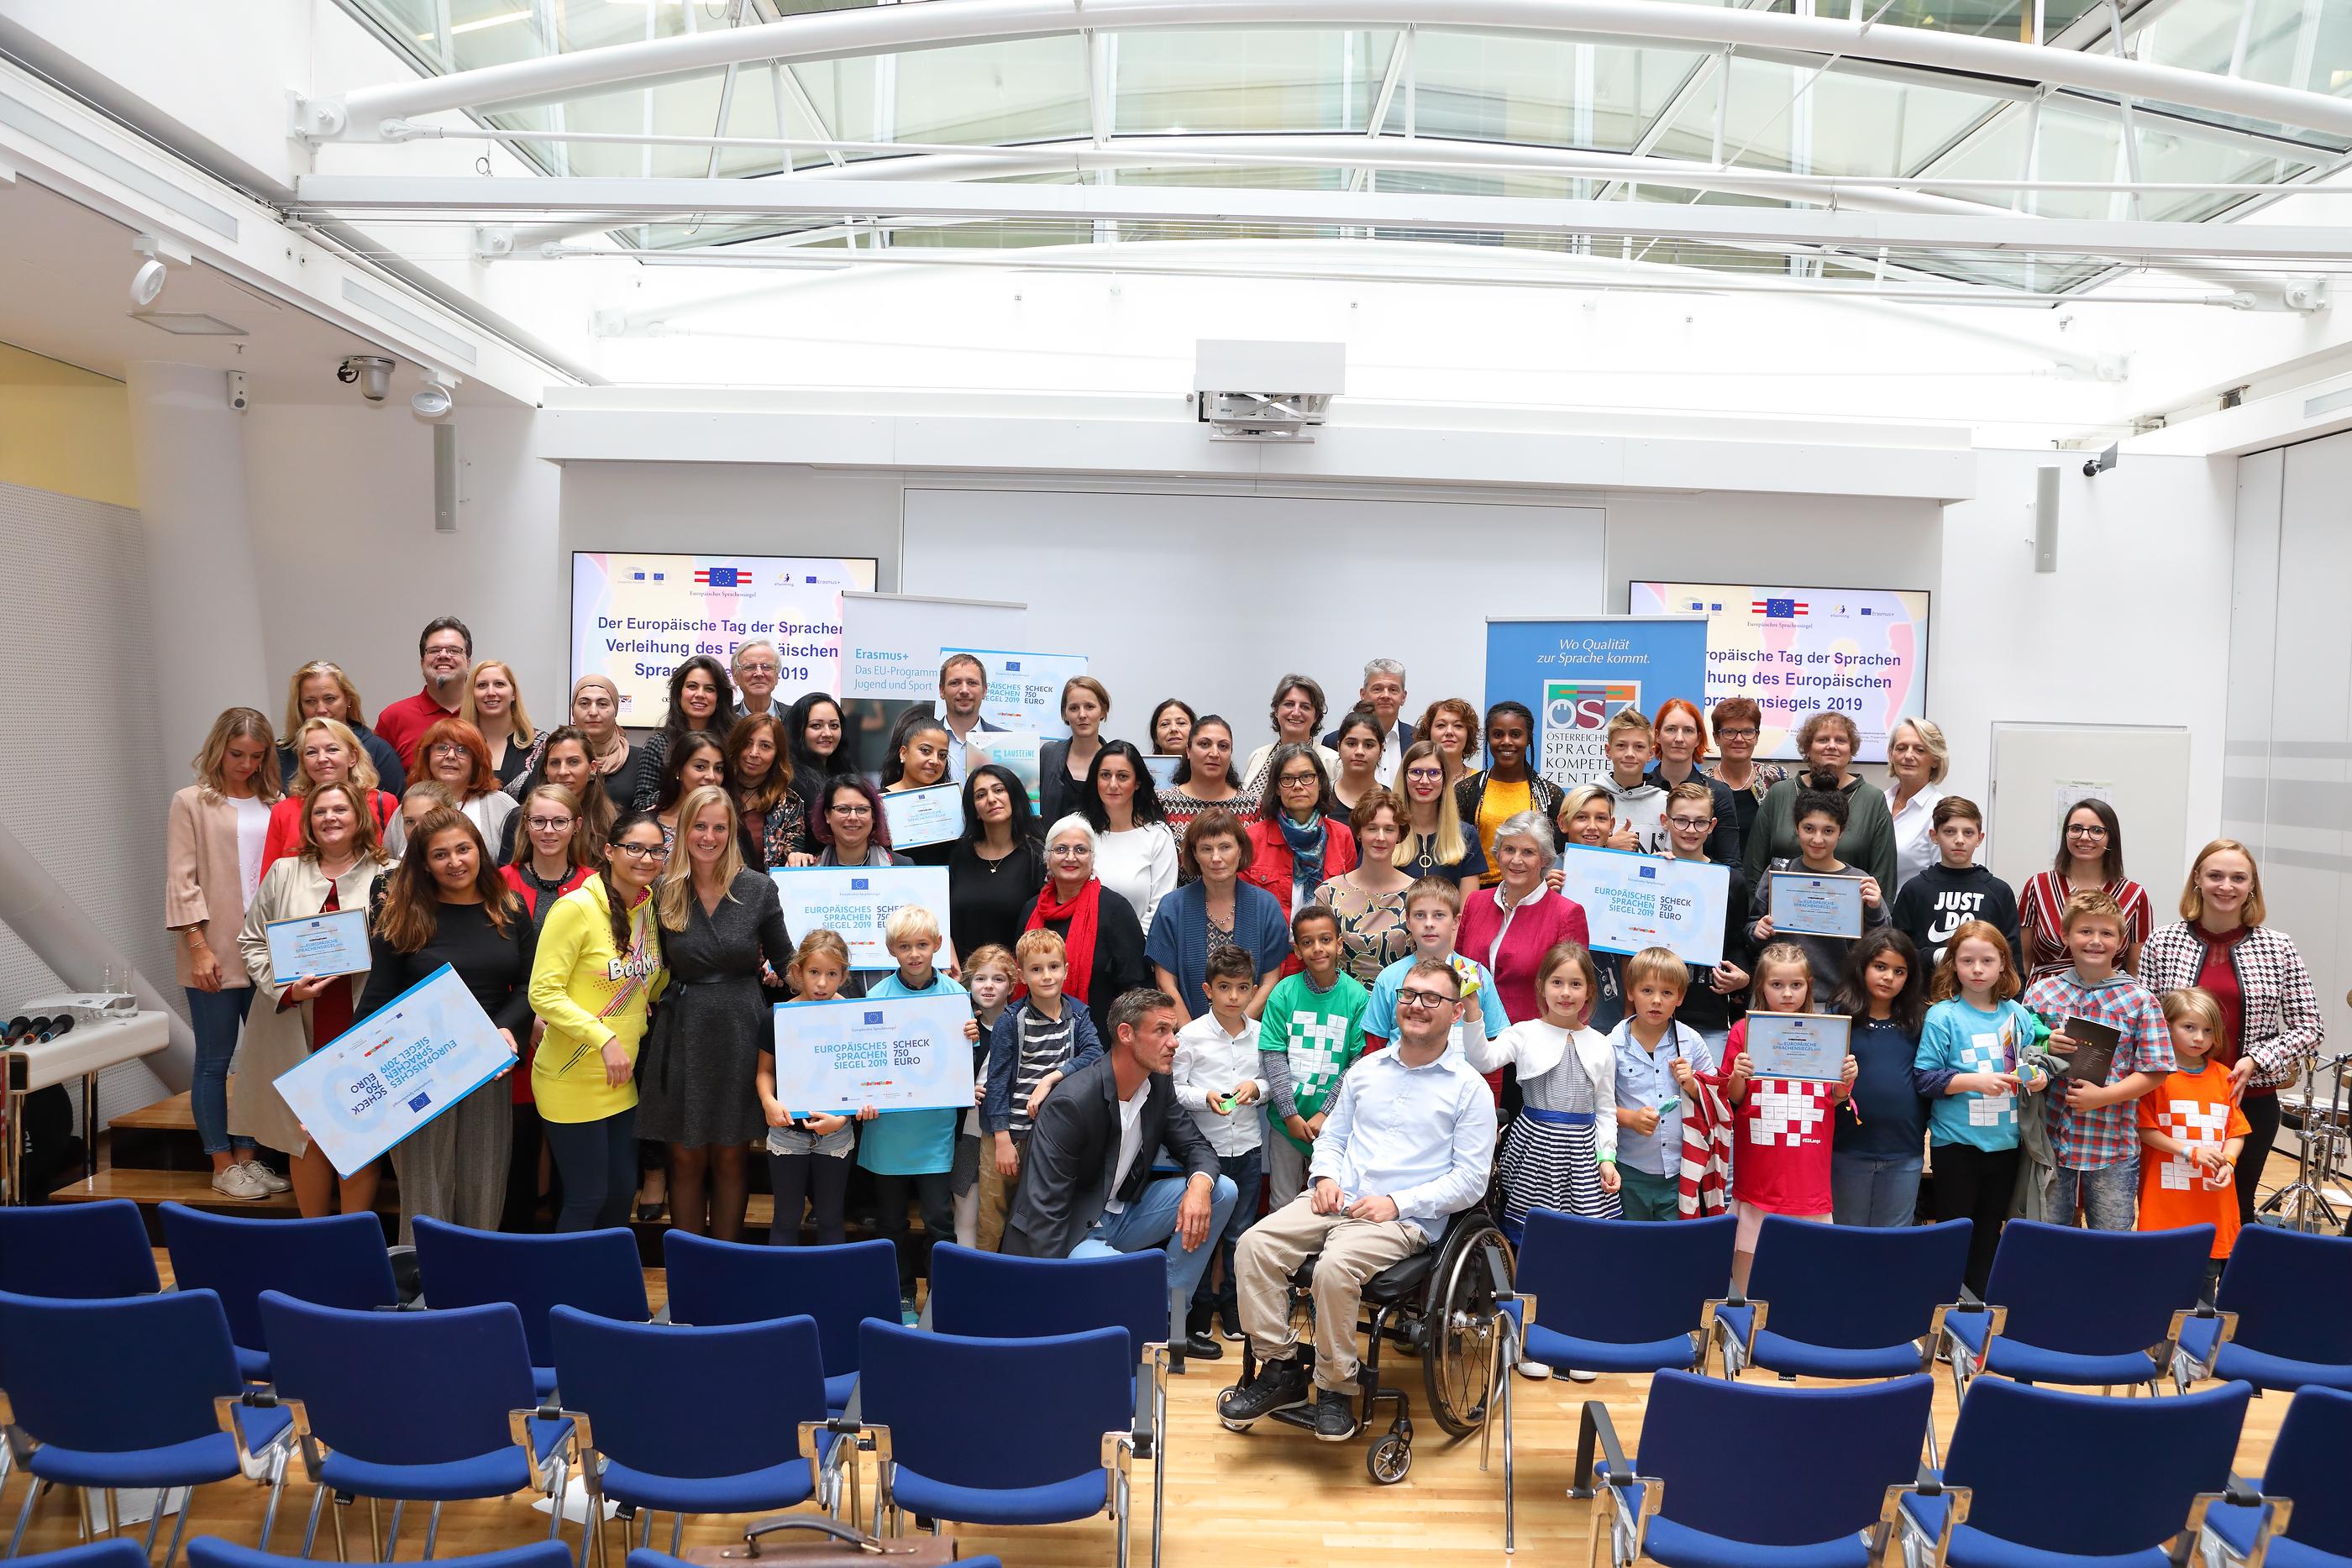 Gruppenfoto der Siegerinnen und Sieger des Sprachensiegels 2019